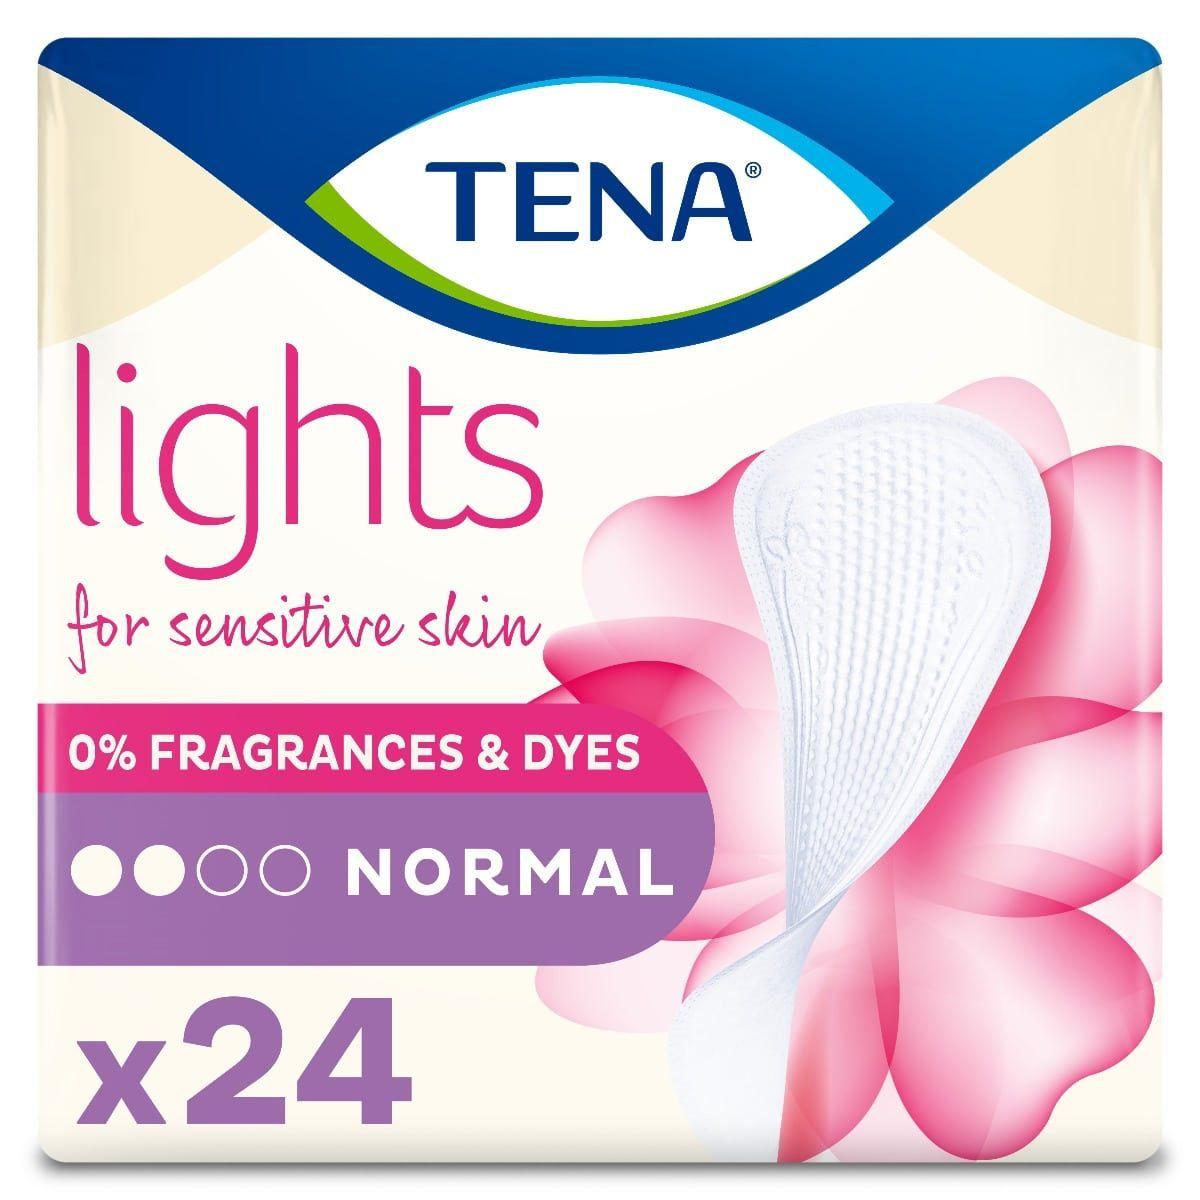 Σερβιετάκια Ελαφράς Ακράτειας TENA Lights Normal 24 τμχ